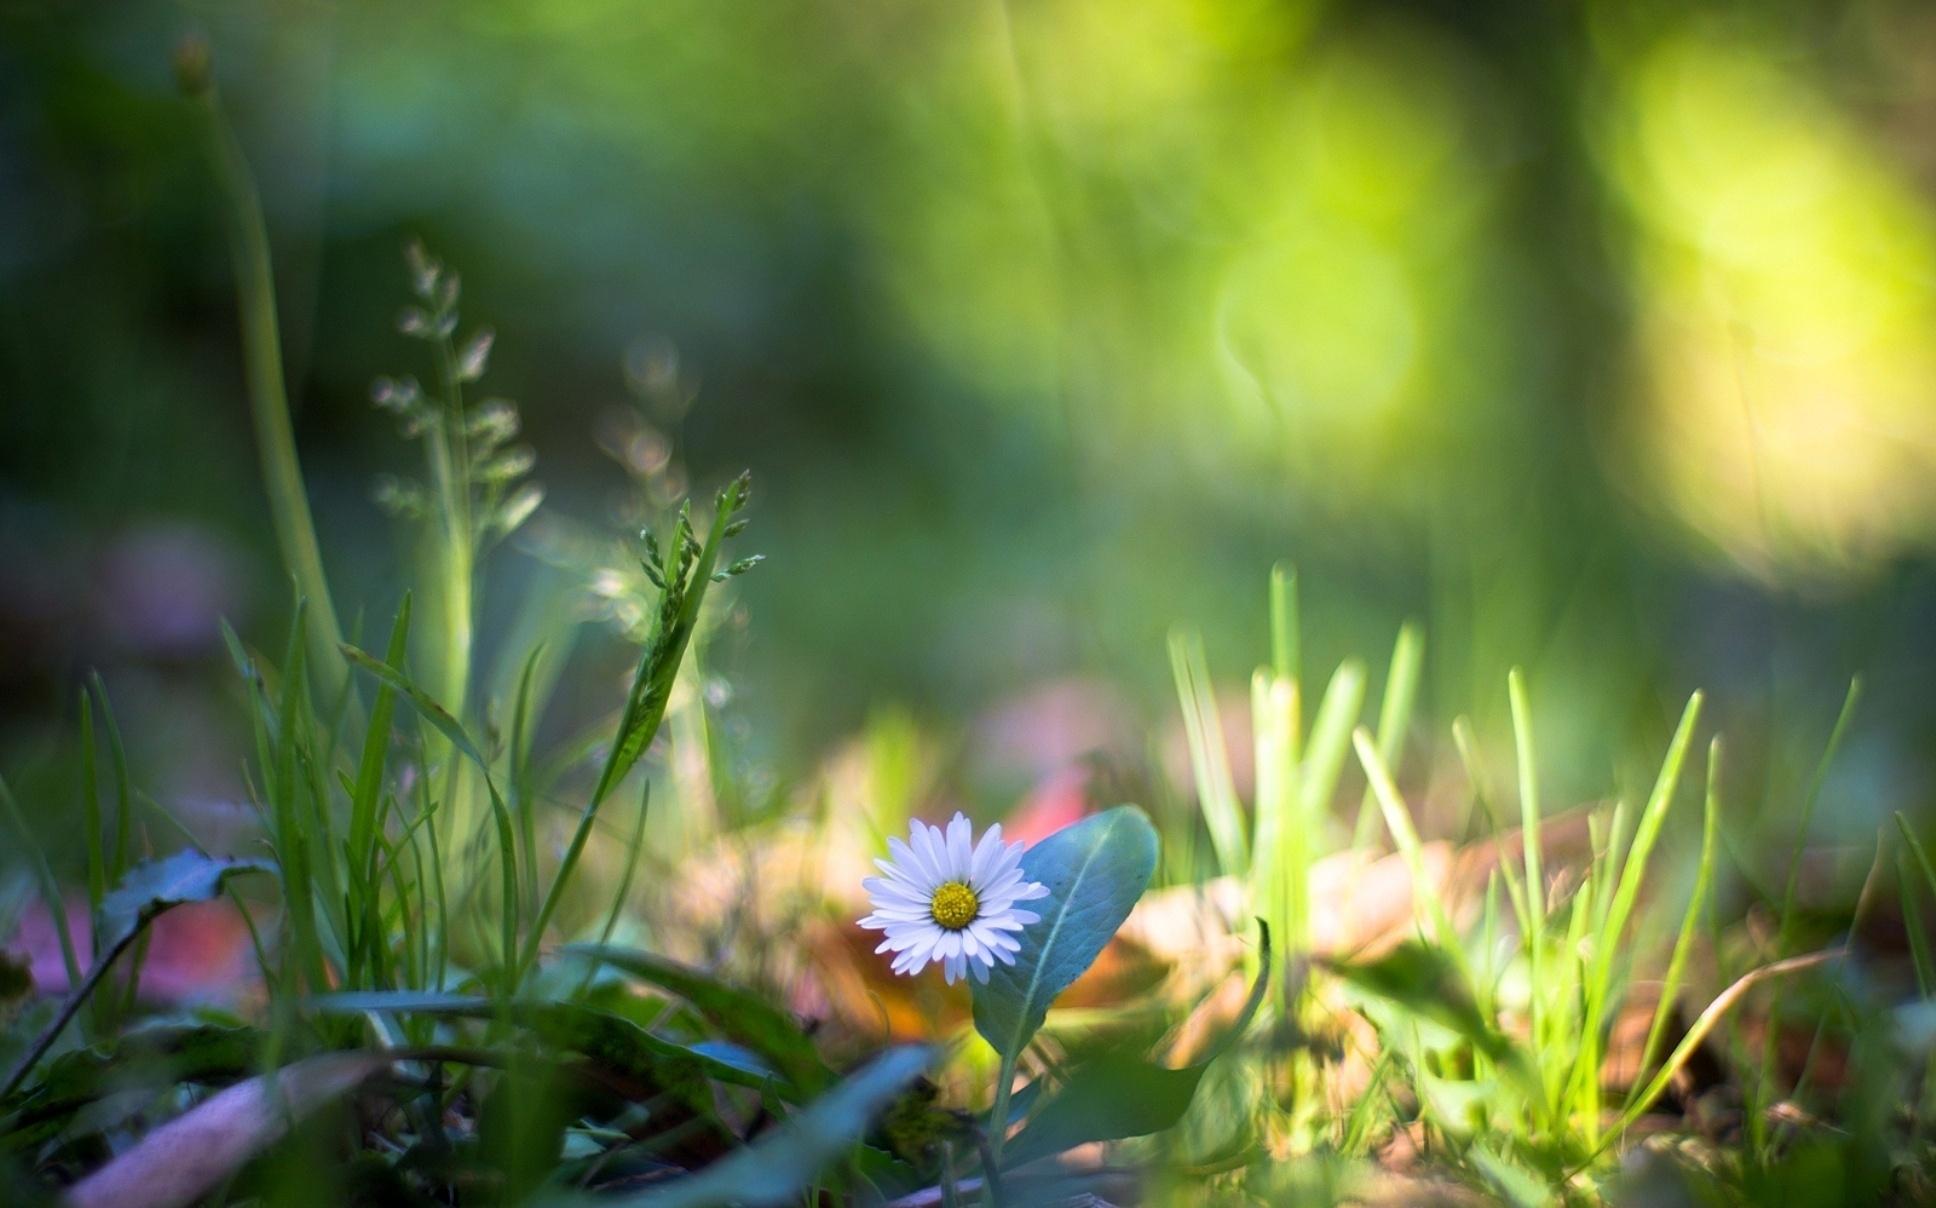 97863 скачать обои Макро, Природа, Растения, Цветок, Трава - заставки и картинки бесплатно